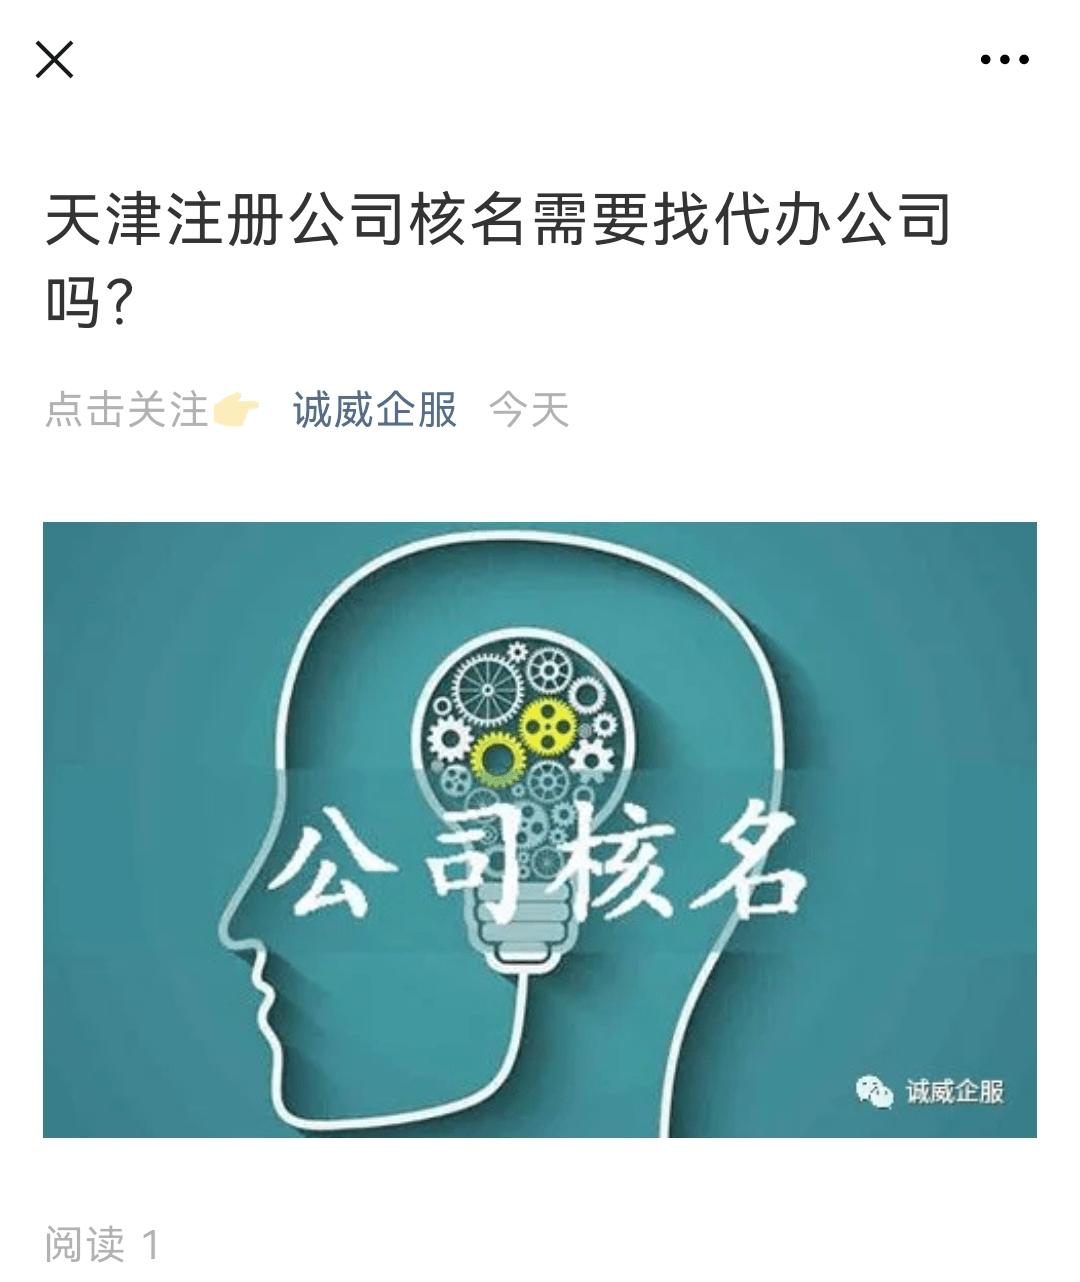 天津注册公司核名注意事项,核名有哪些要求?